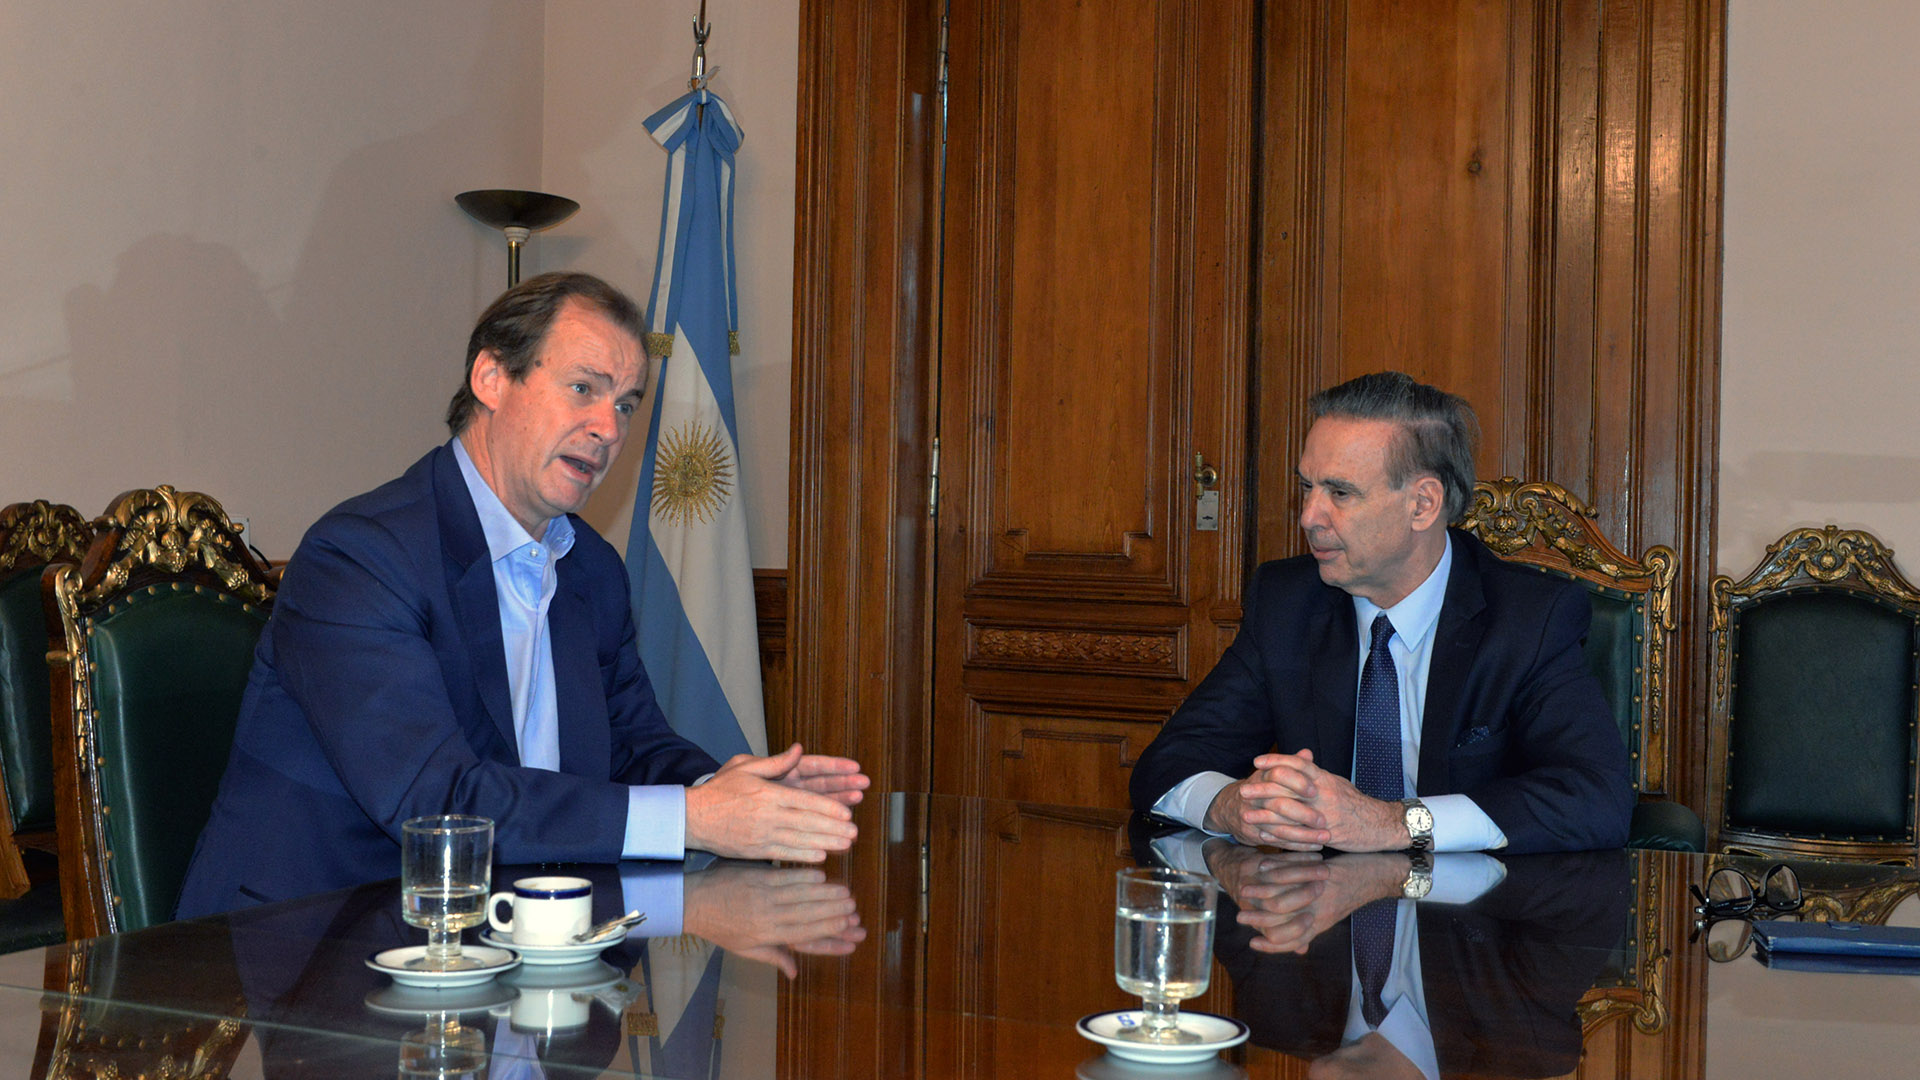 Gustavo Bordet y Miguel PIchetto, dos peronistas con divergencias sobre el frente electoral del PJ